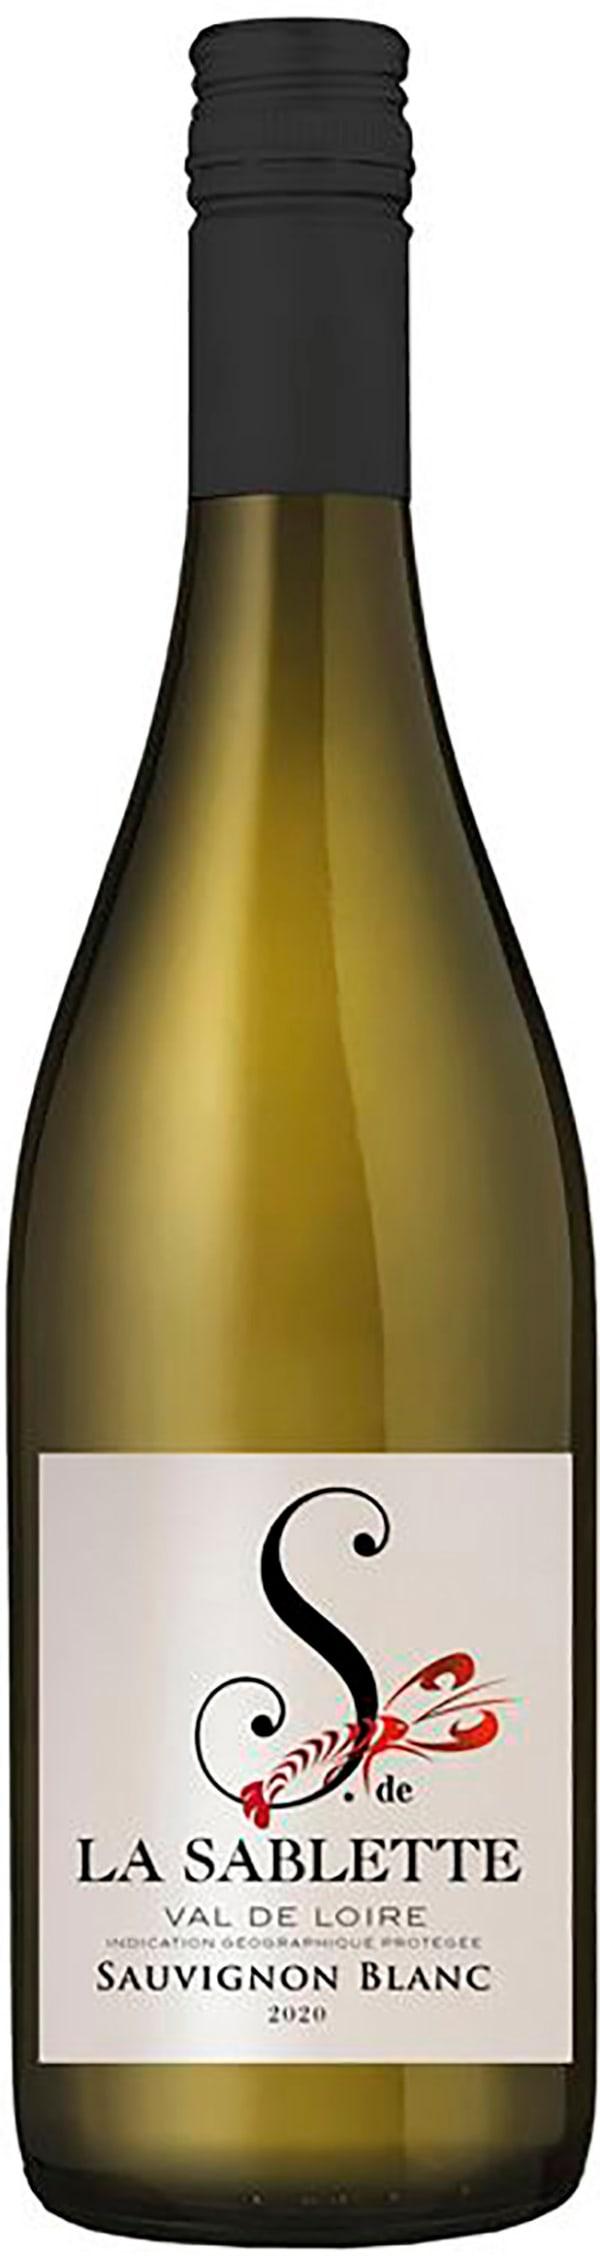 S de la Sablette Sauvignon Blanc 2019